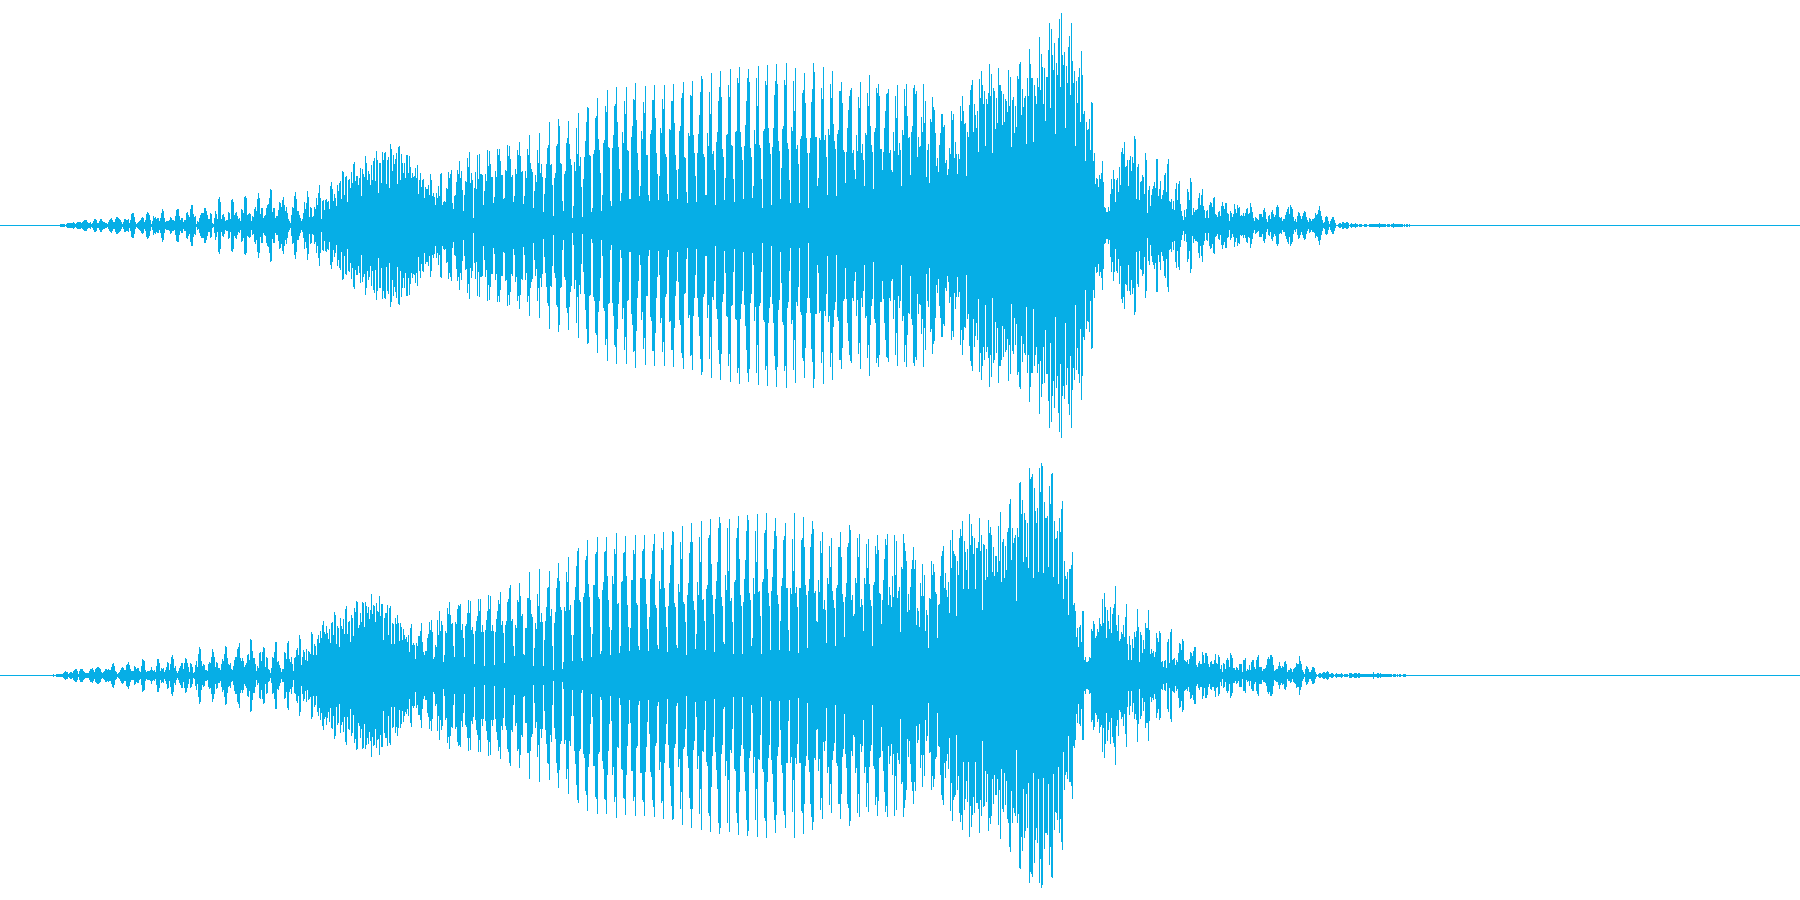 ロボットのよーいデジタル音声の再生済みの波形